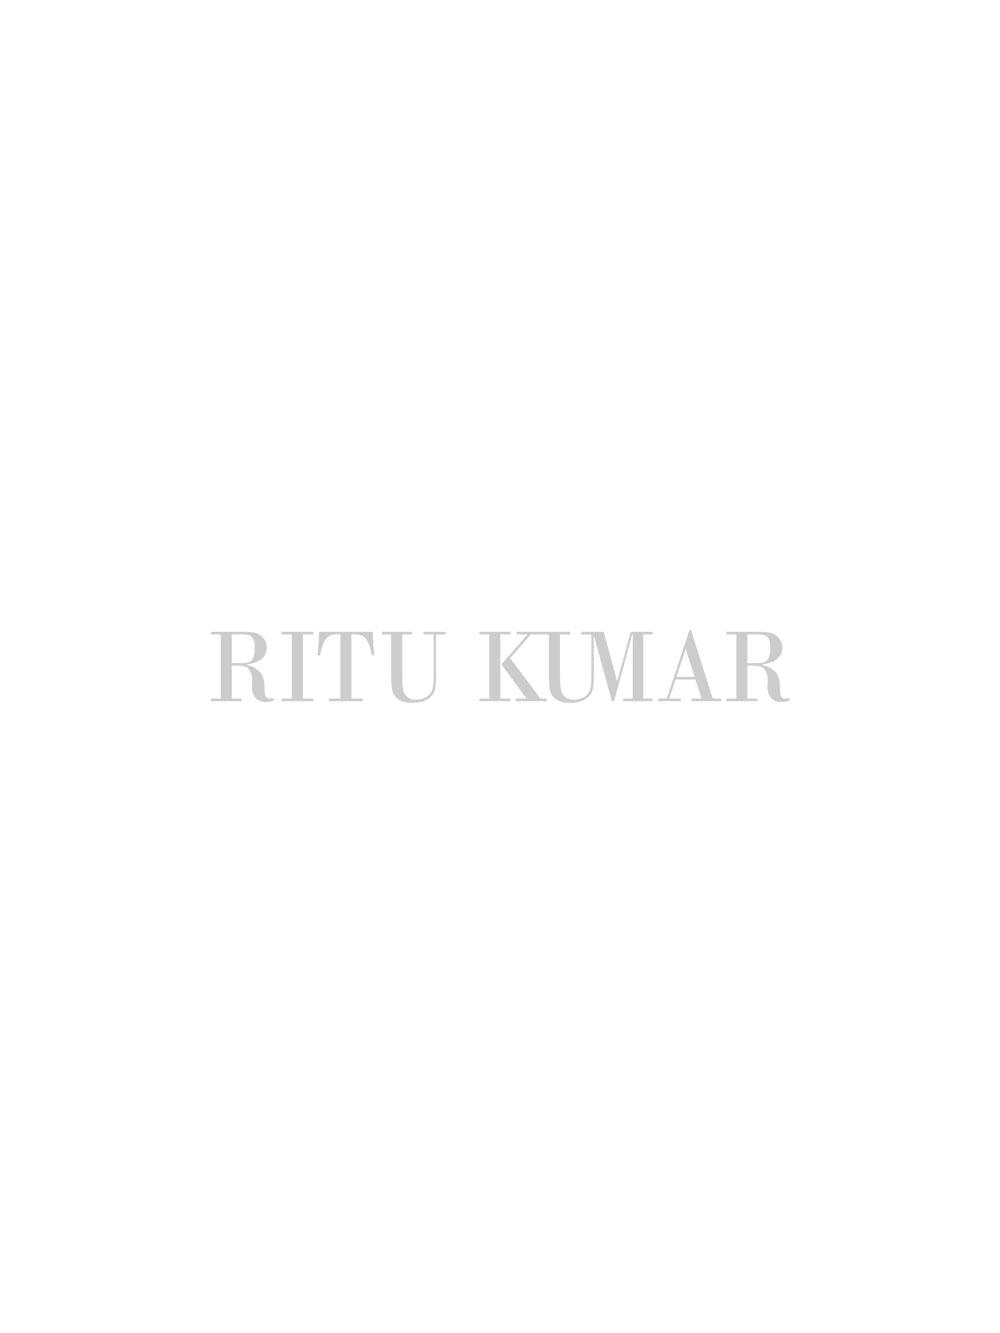 Black & White Awadh Dinner Plate (Set of 4)